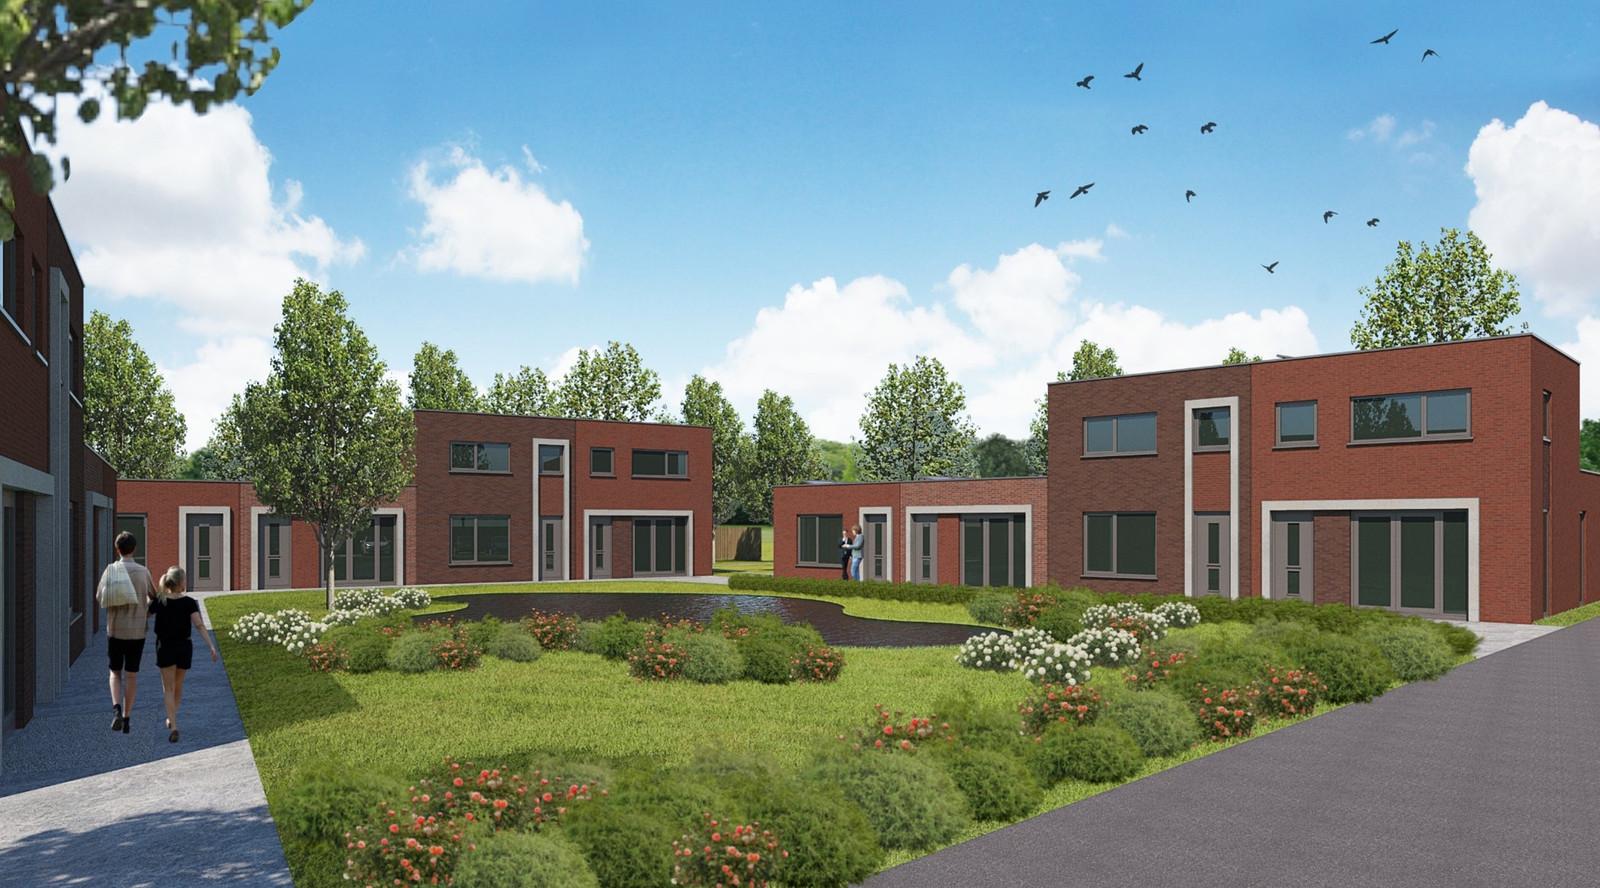 Woningbouwplan op het Weike van Bus, Stampersgat.